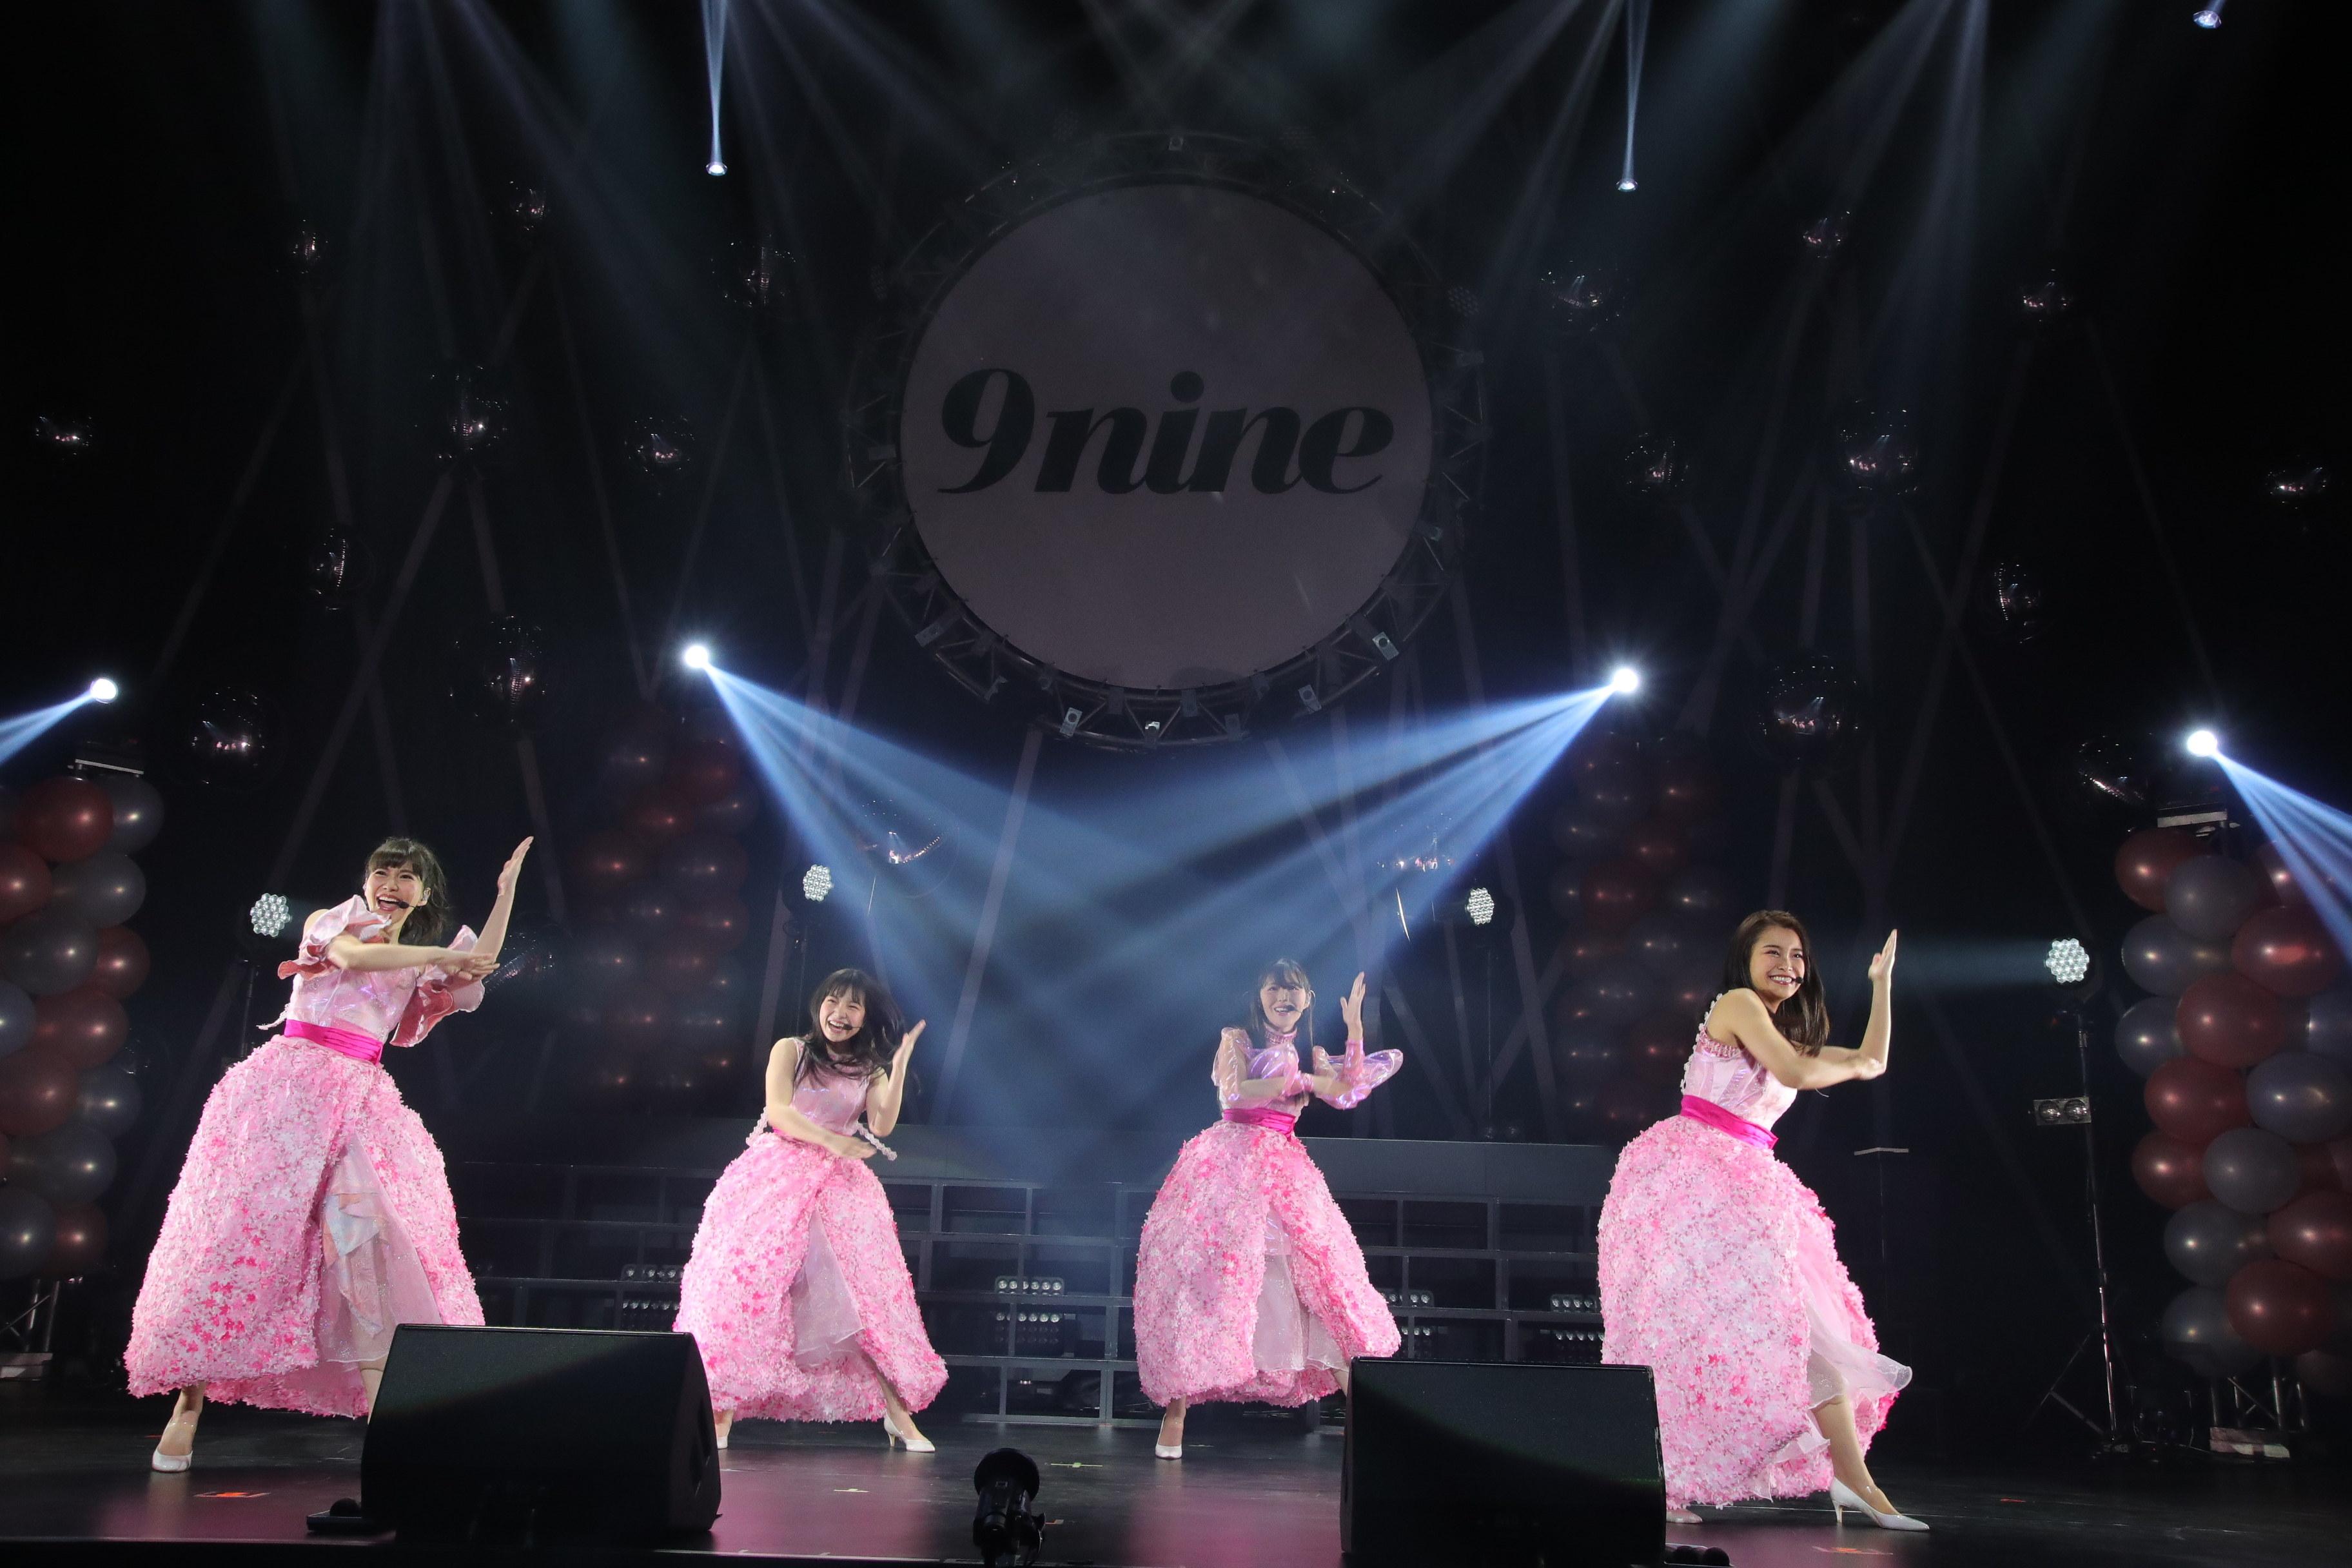 『9nine one man live 2019 -Forever 9nine-』